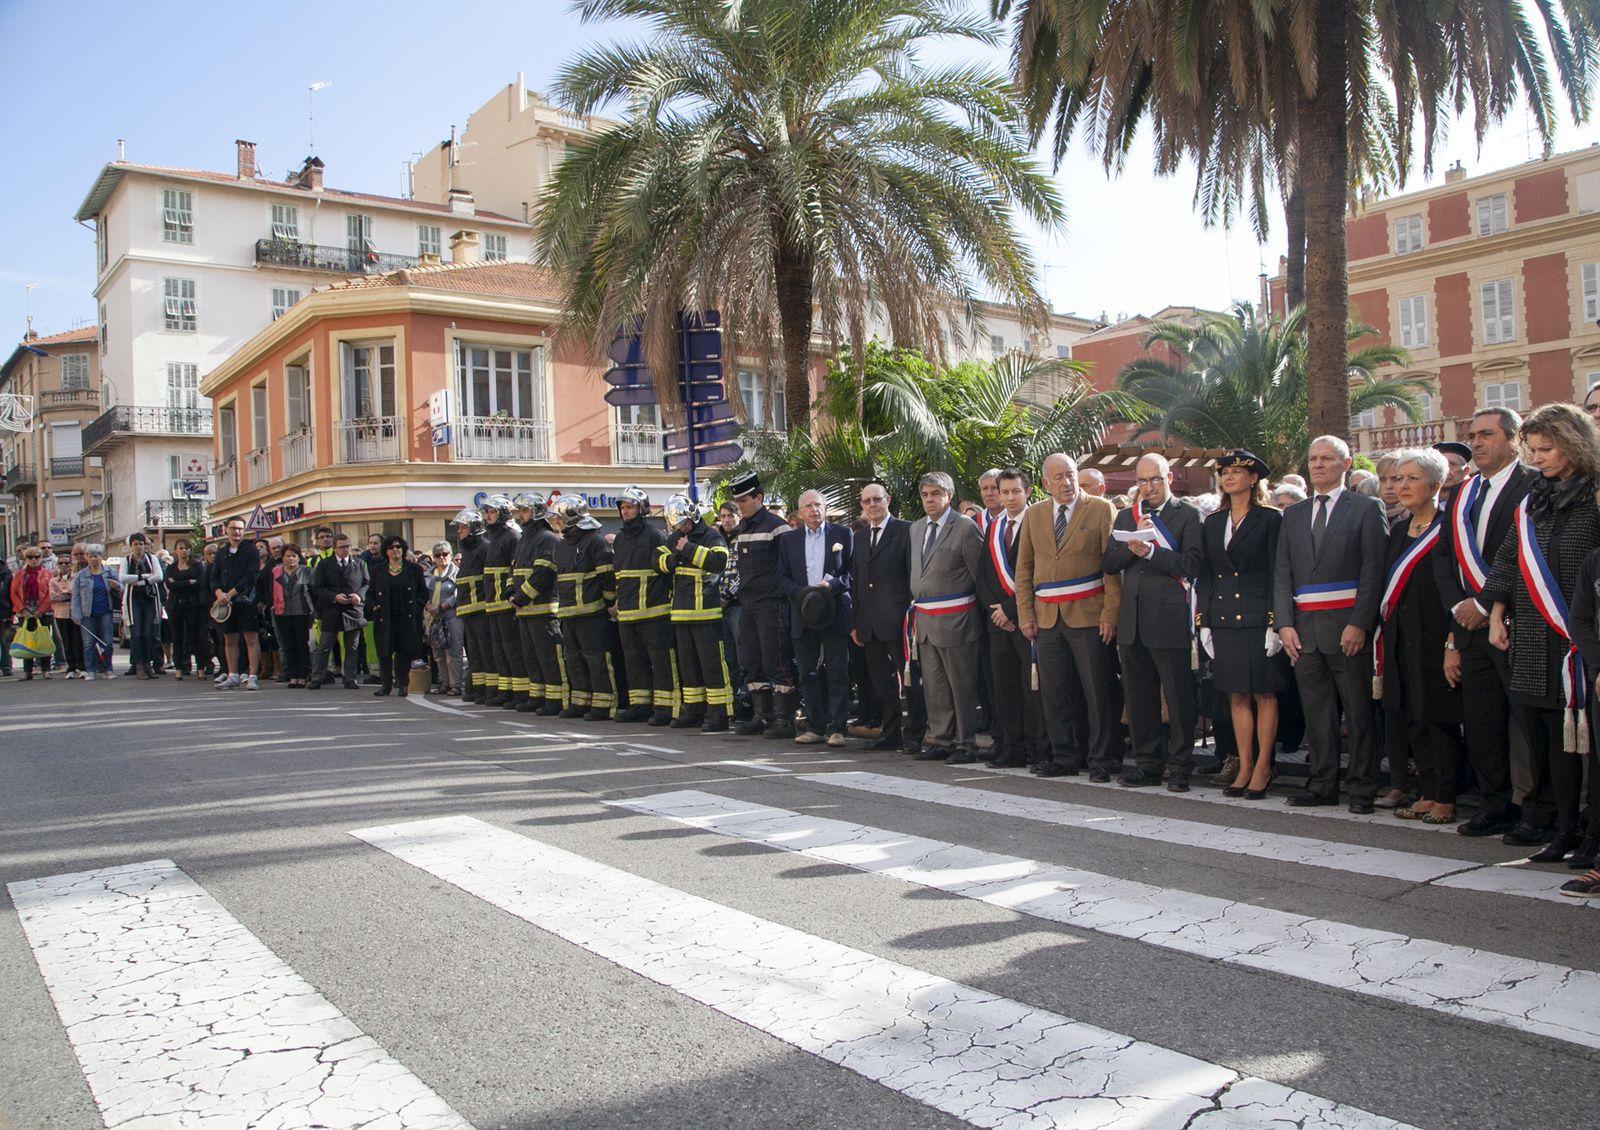 Après les attaques de Paris, les élus de Menton unis pour la sécurité de la population - Attaques de Paris : le Festival de l'humour de Menton annulé